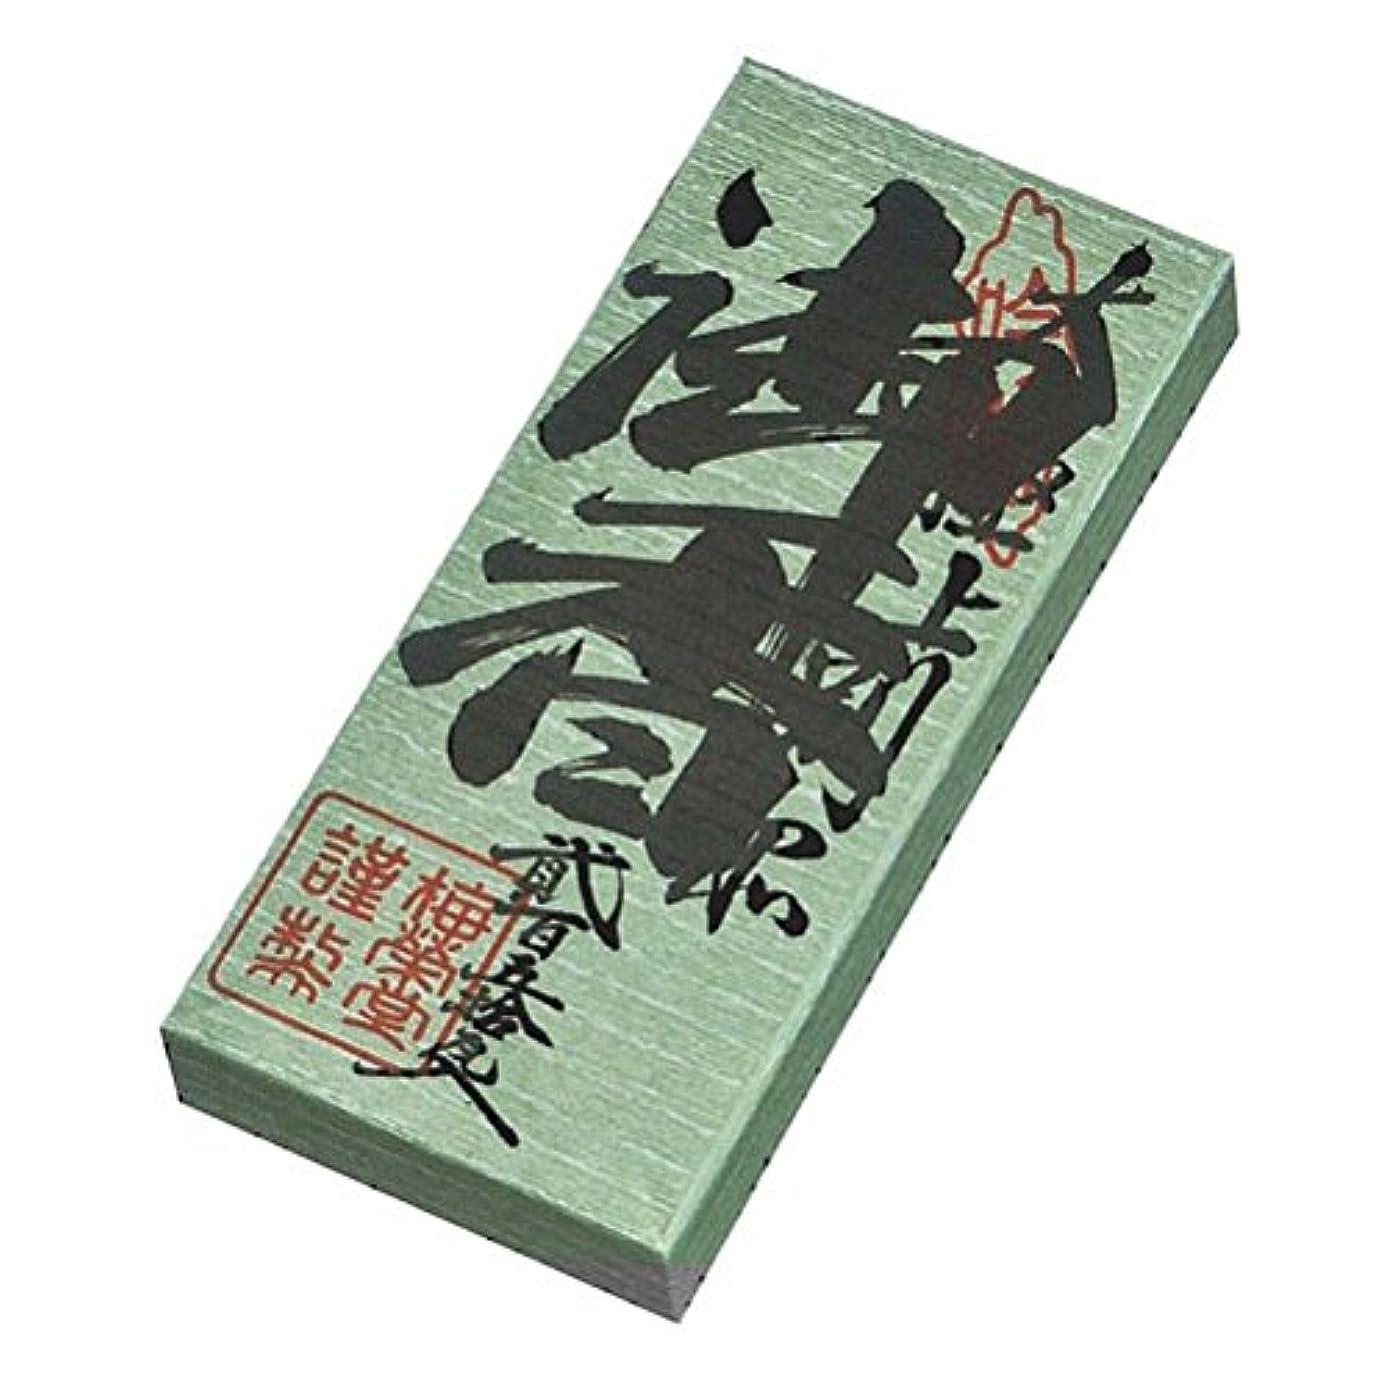 好薫印 250g 紙箱入り お焼香 梅栄堂